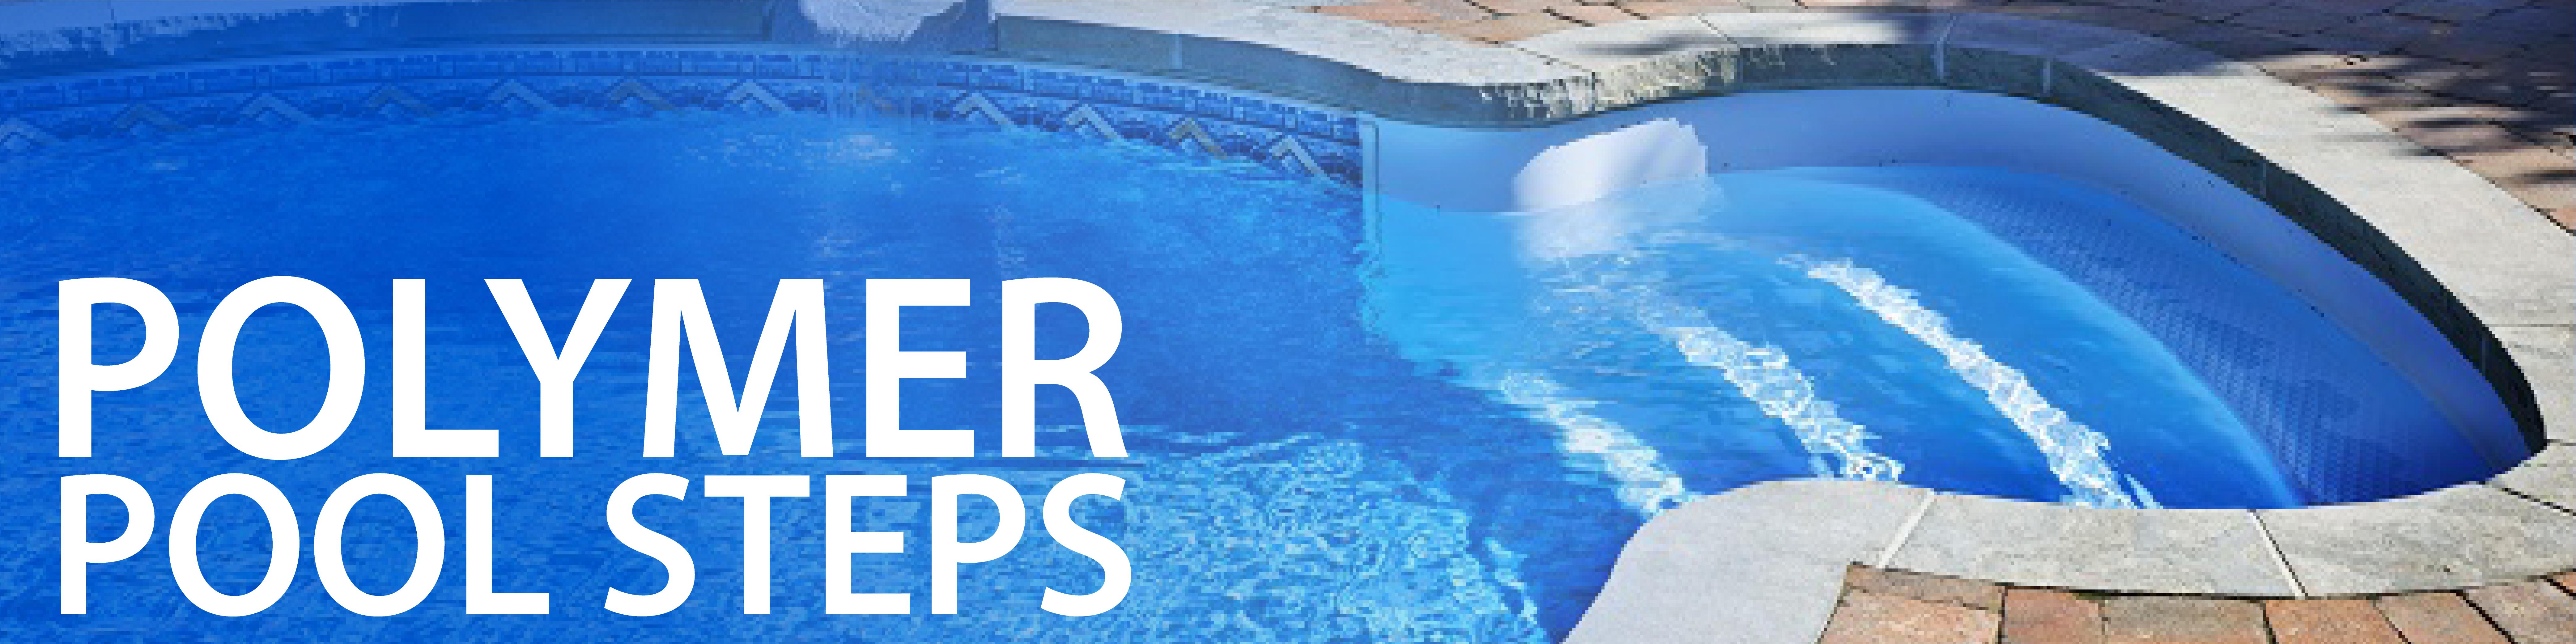 Inground Swimming Pool Steps | Pool Warehouse